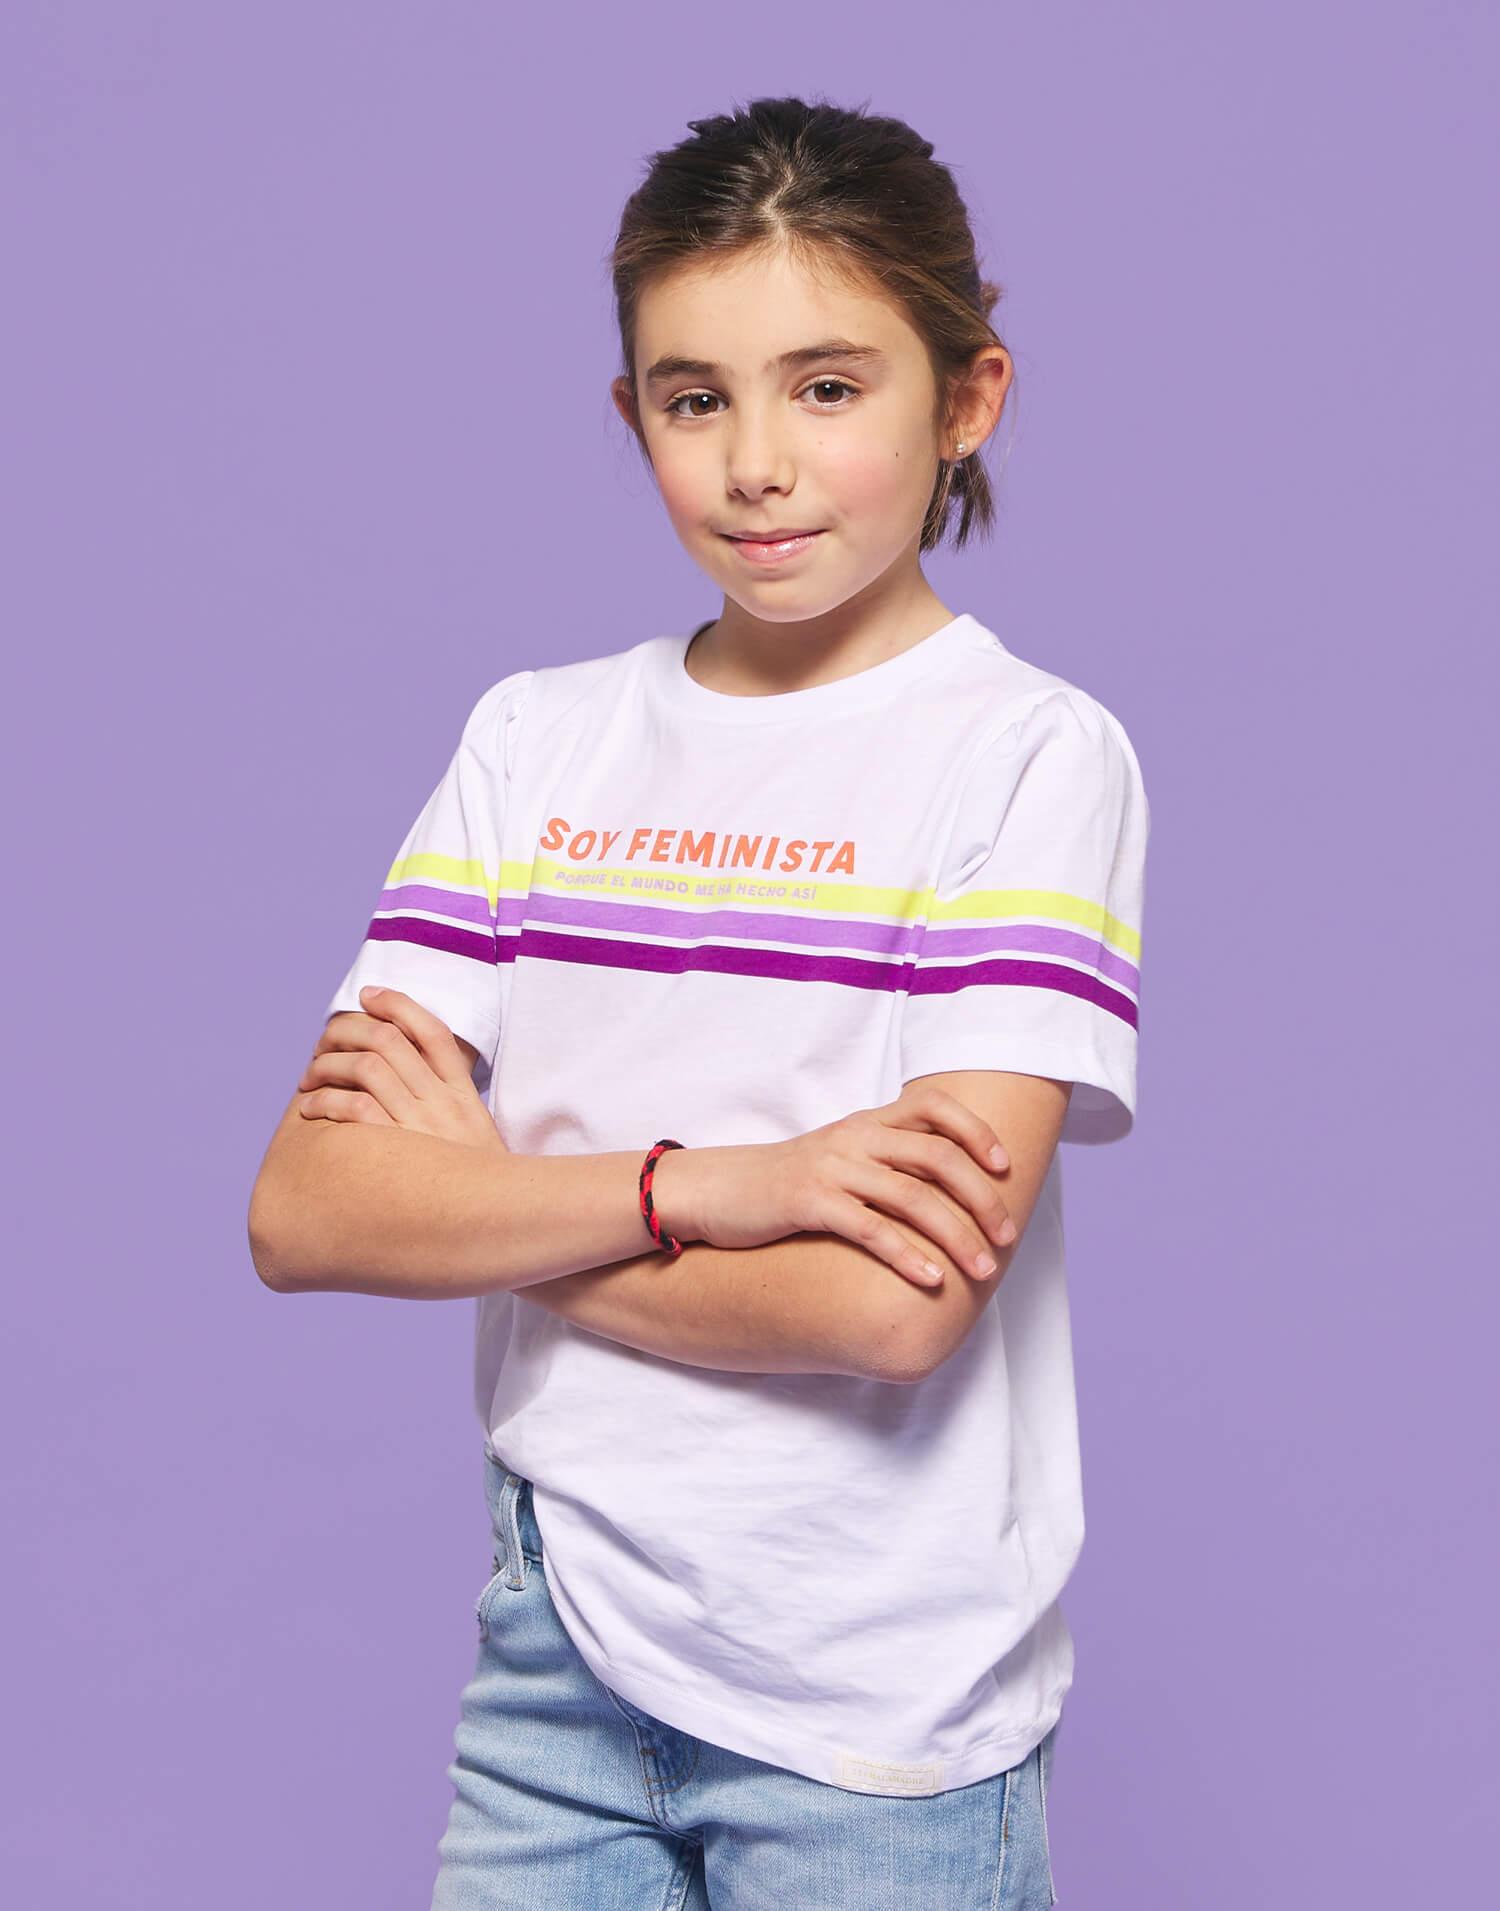 Camiseta niña 'Soy feminista'